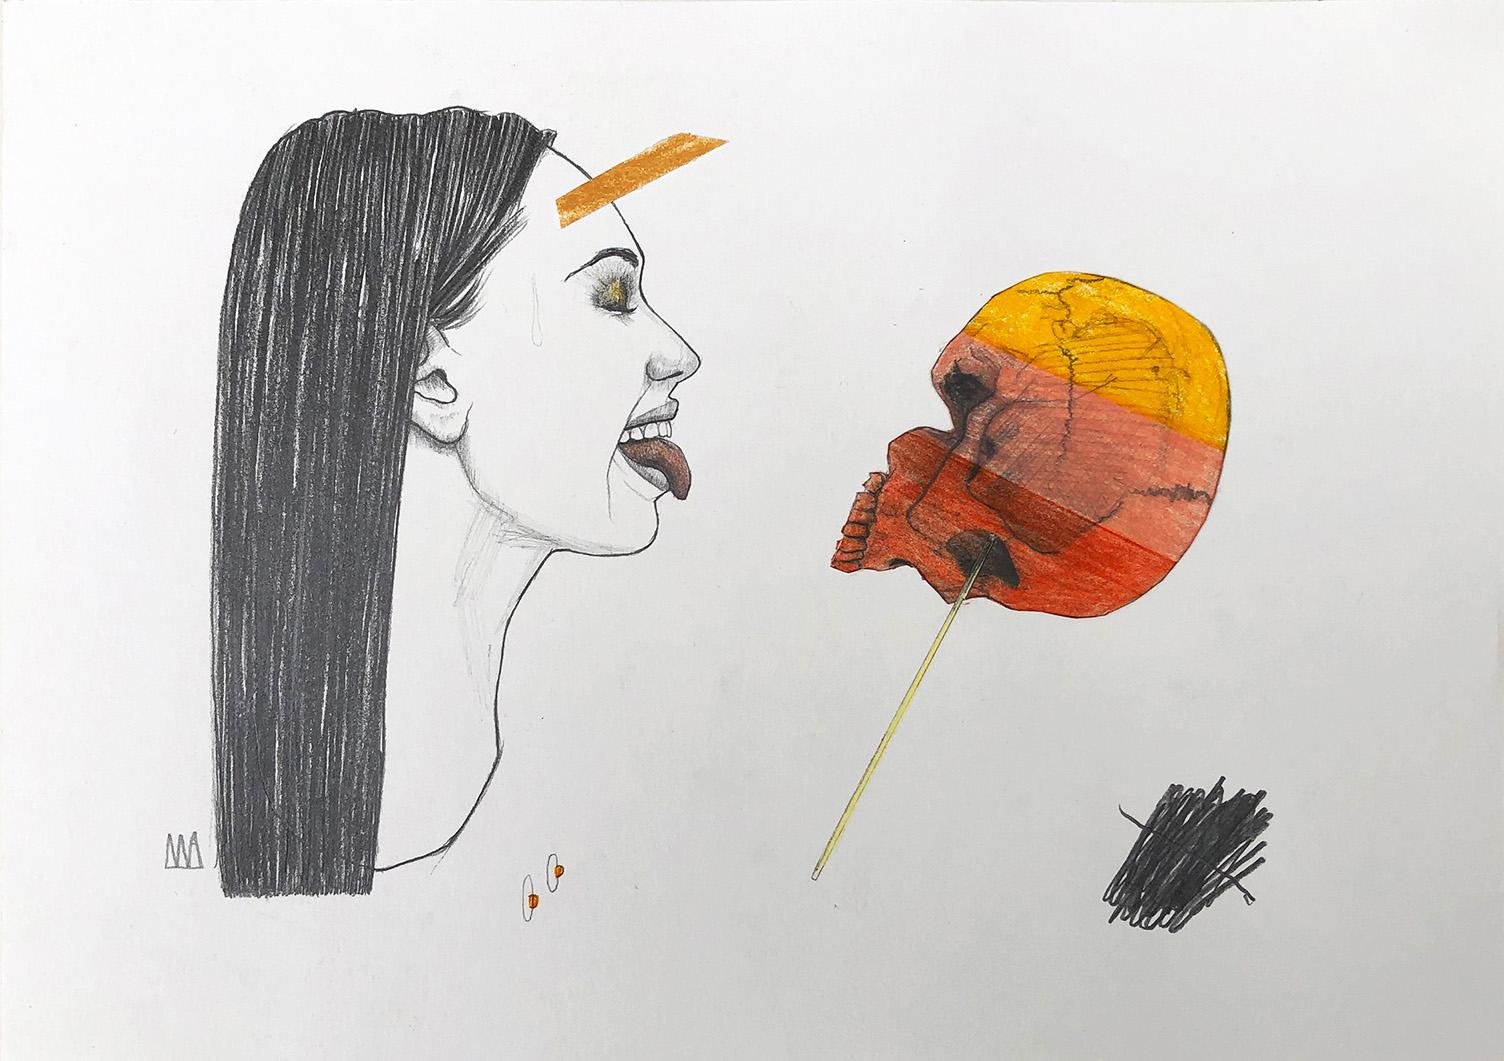 Mateo Andrea, LOLLIPOP, mixed media on paper, 21 x 29.7 cm, 2020